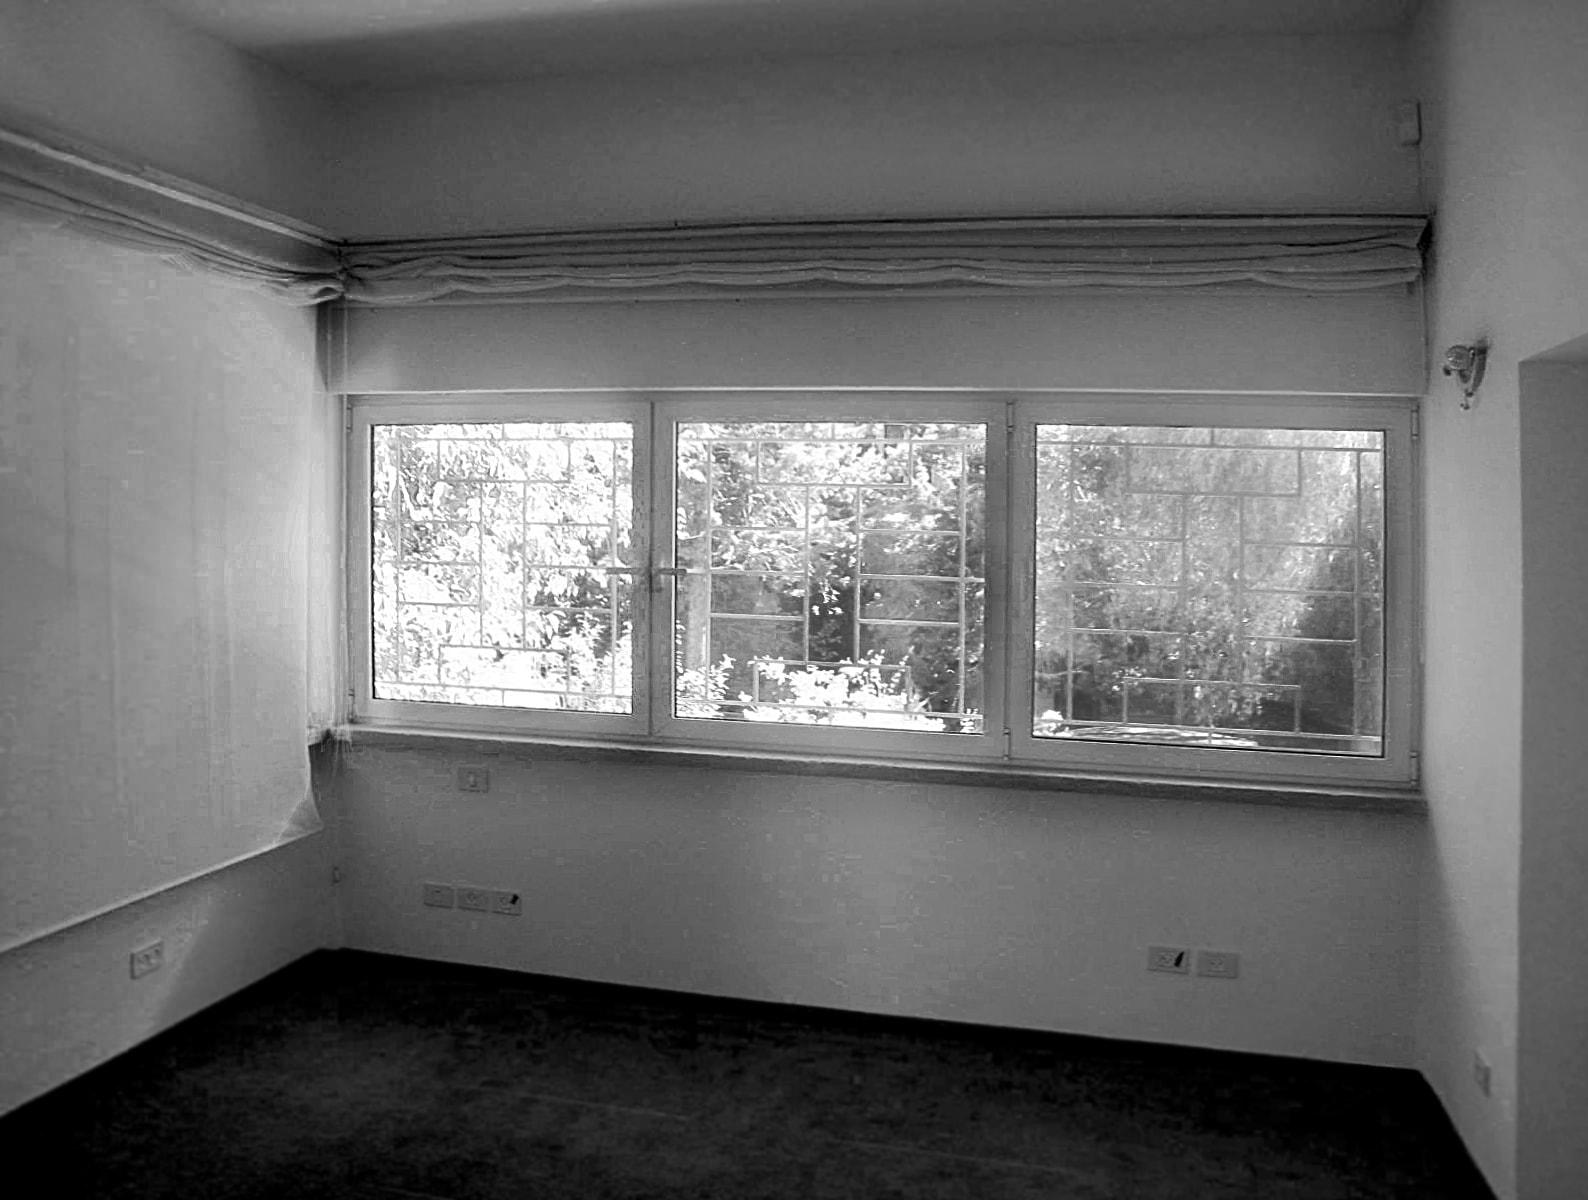 guest_bedroom_before-min.jpg